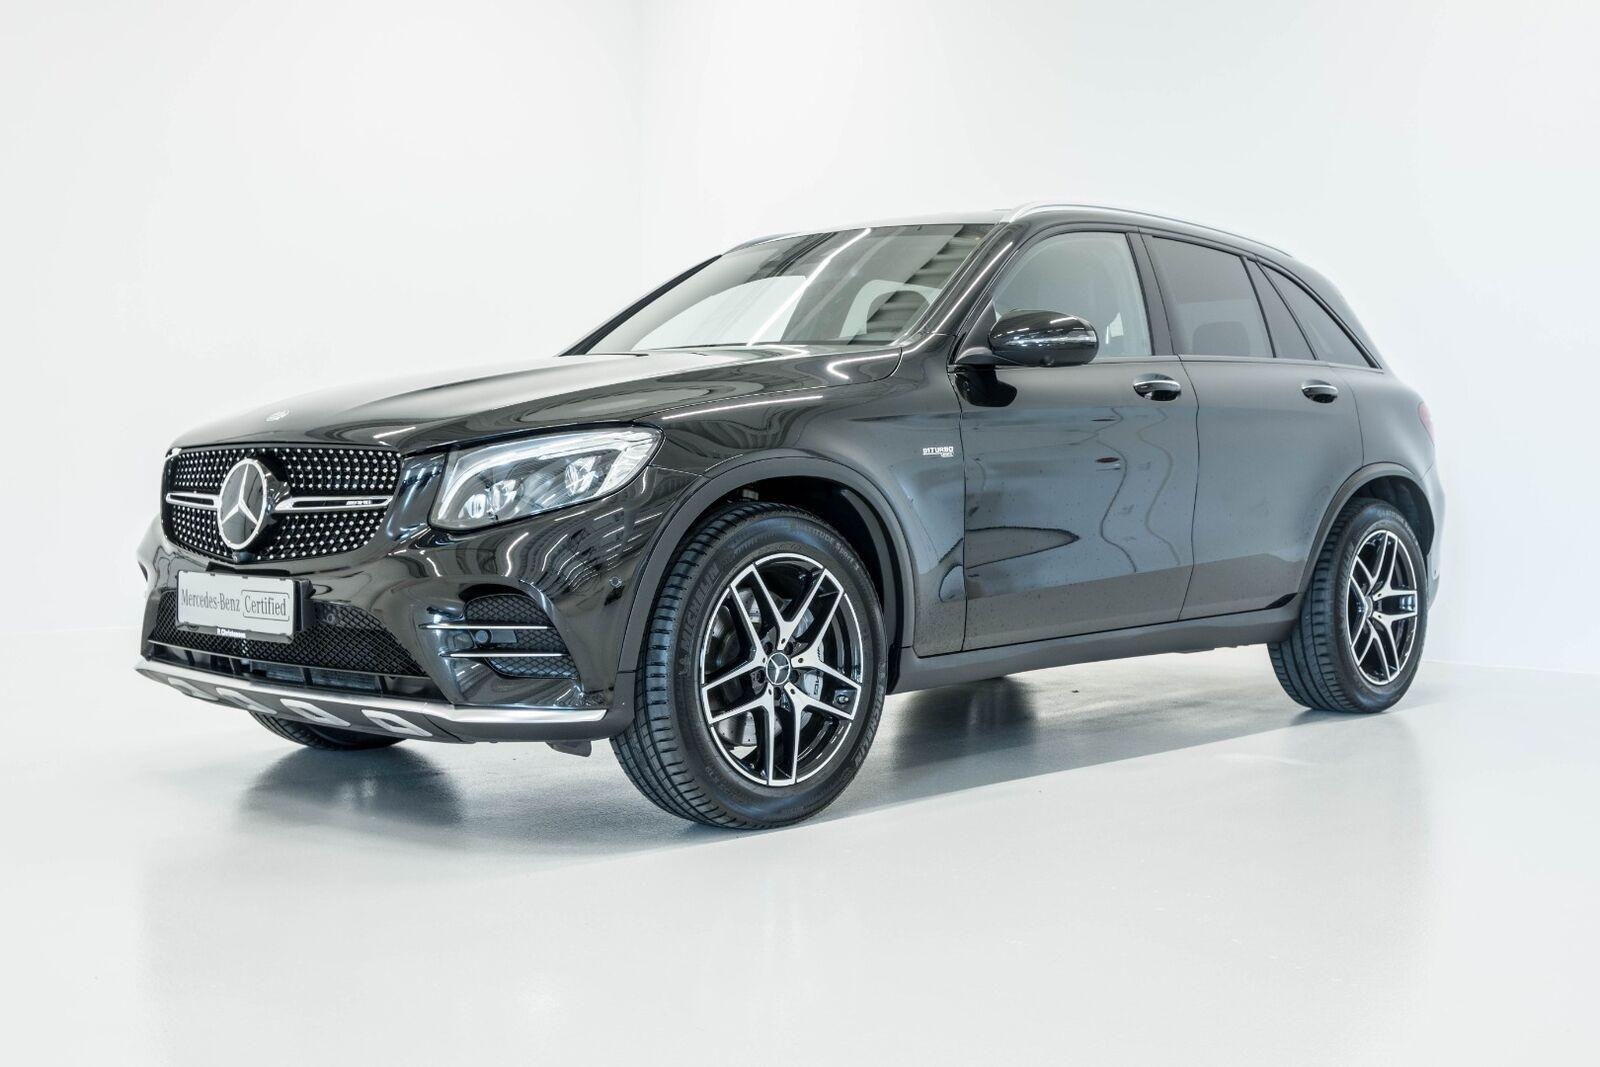 Mercedes GLC43 3,0 AMG aut. 4-M 5d - 849.000 kr.